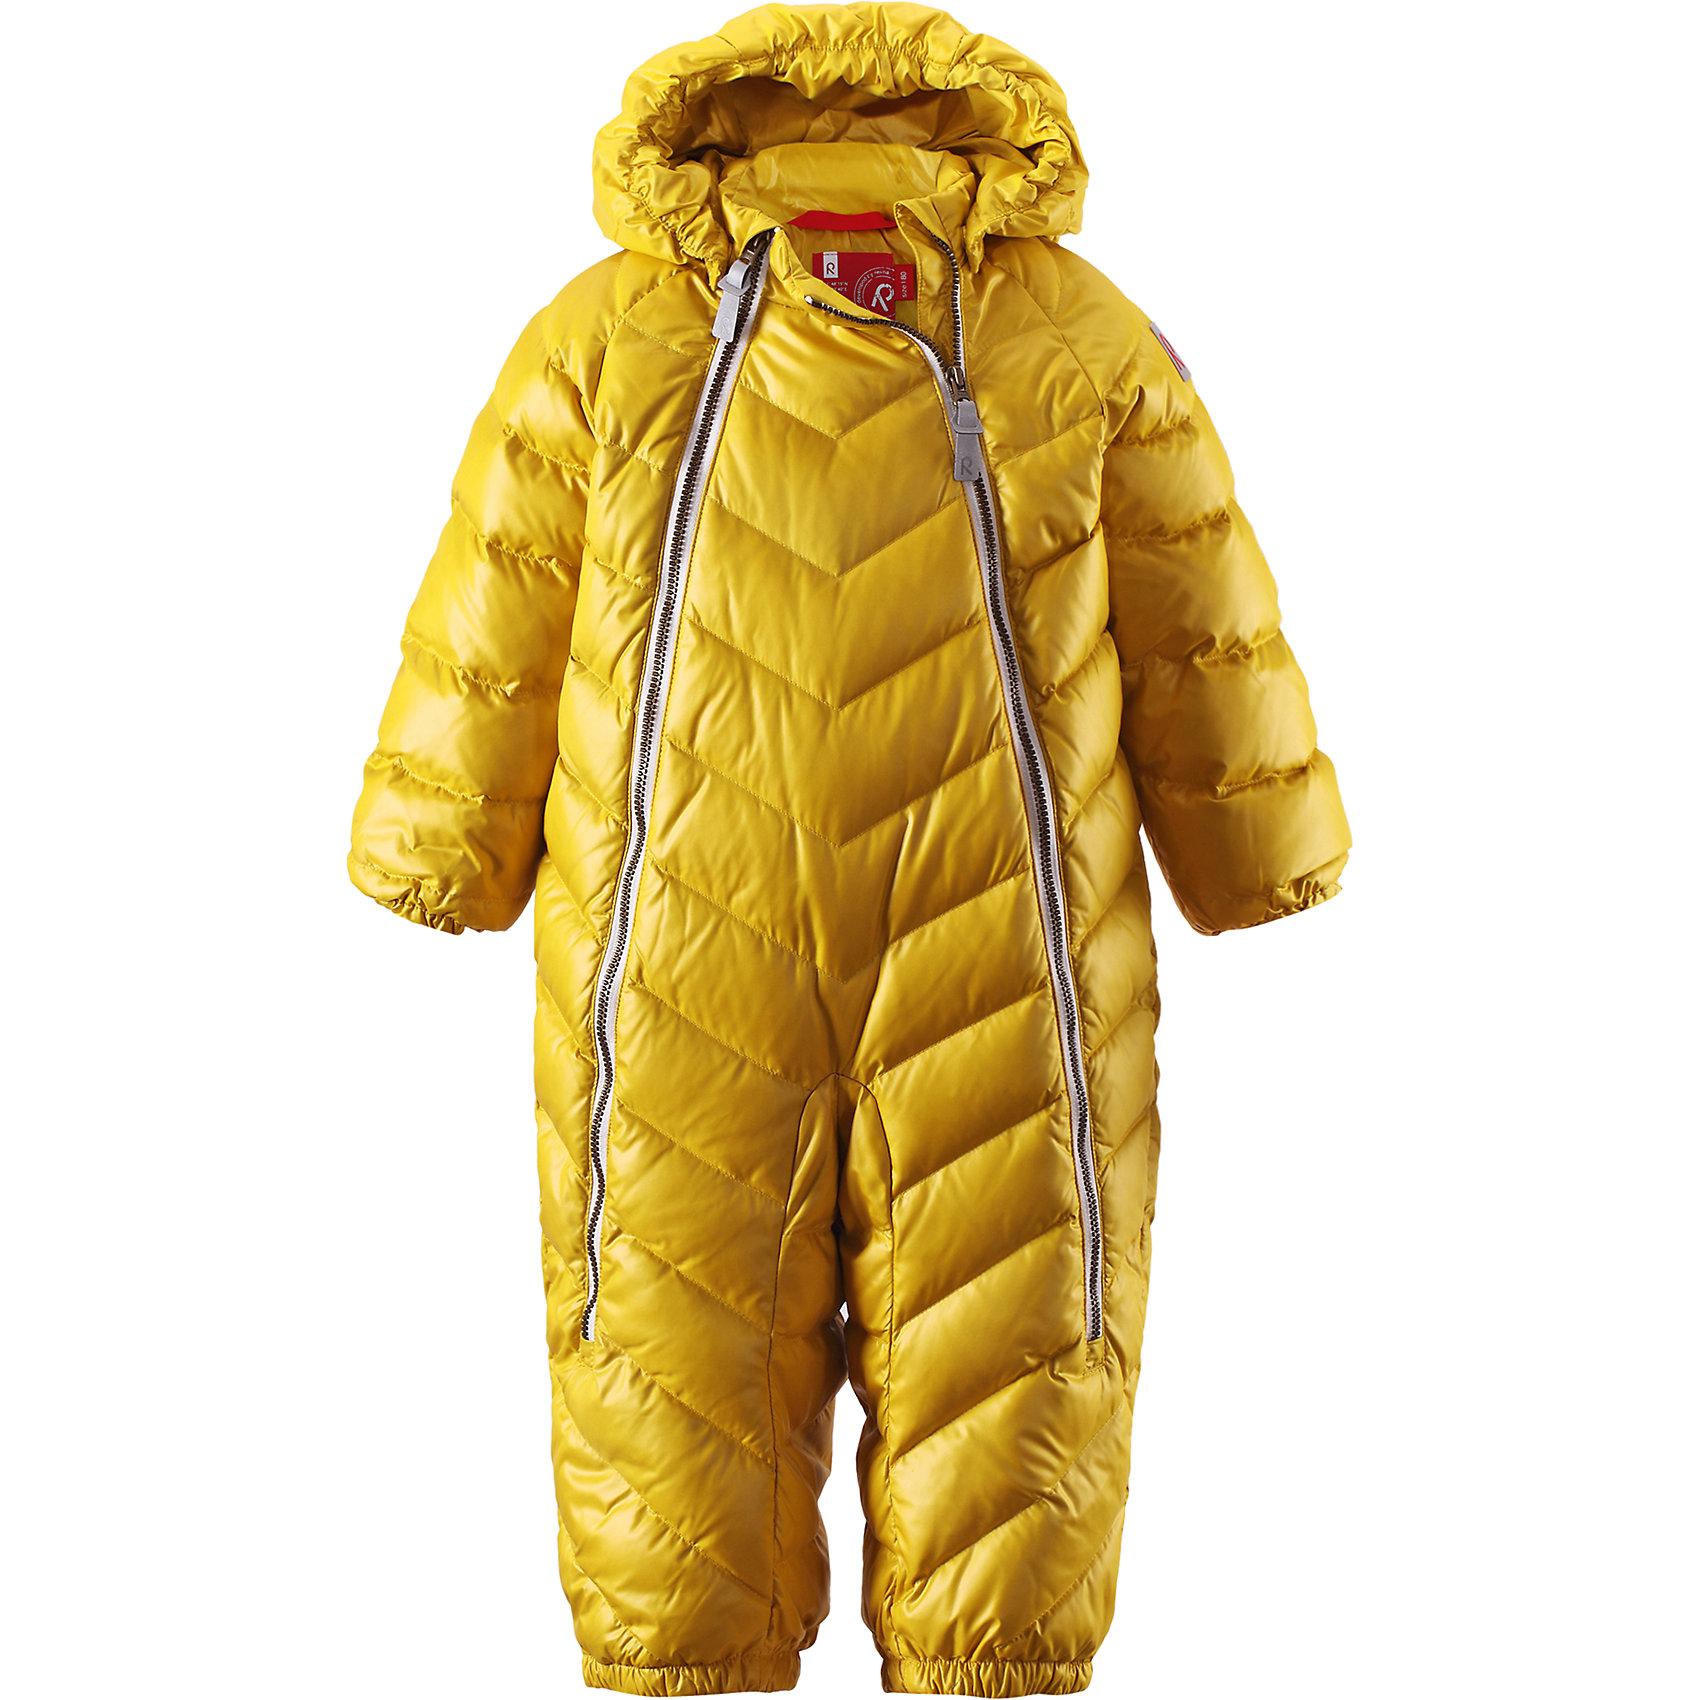 Комбинезон Unetus ReimaВерхняя одежда<br>Комбинезон  Reima<br>Пуховый комбинезон для малышей. Водоотталкивающий, ветронепроницаемый, «дышащий» и грязеотталкивающий материал. Гладкая подкладка из полиэстра. В качестве утеплителя использованы пух и перо (60%/40%). Безопасный, съемный капюшон. Эластичные манжеты. Съемные эластичные штрипки. Две длинные молнии для удобного надевания. Безопасные светоотражающие детали.<br>Уход:<br>Стирать по отдельности, вывернув наизнанку. Застегнуть молнии и липучки. Стирать моющим средством, не содержащим отбеливающие вещества. Полоскать без специального средства. Во избежание изменения цвета изделие необходимо вынуть из стиральной машинки незамедлительно после окончания программы стирки. Барабанное сушение при низкой температуре с 3 теннисными мячиками. Выверните изделие наизнанку в середине сушки.<br>Состав:<br>100% Полиэстер<br><br>Ширина мм: 356<br>Глубина мм: 10<br>Высота мм: 245<br>Вес г: 519<br>Цвет: желтый<br>Возраст от месяцев: 18<br>Возраст до месяцев: 24<br>Пол: Женский<br>Возраст: Детский<br>Размер: 92,74,68,62,80,86<br>SKU: 4775870